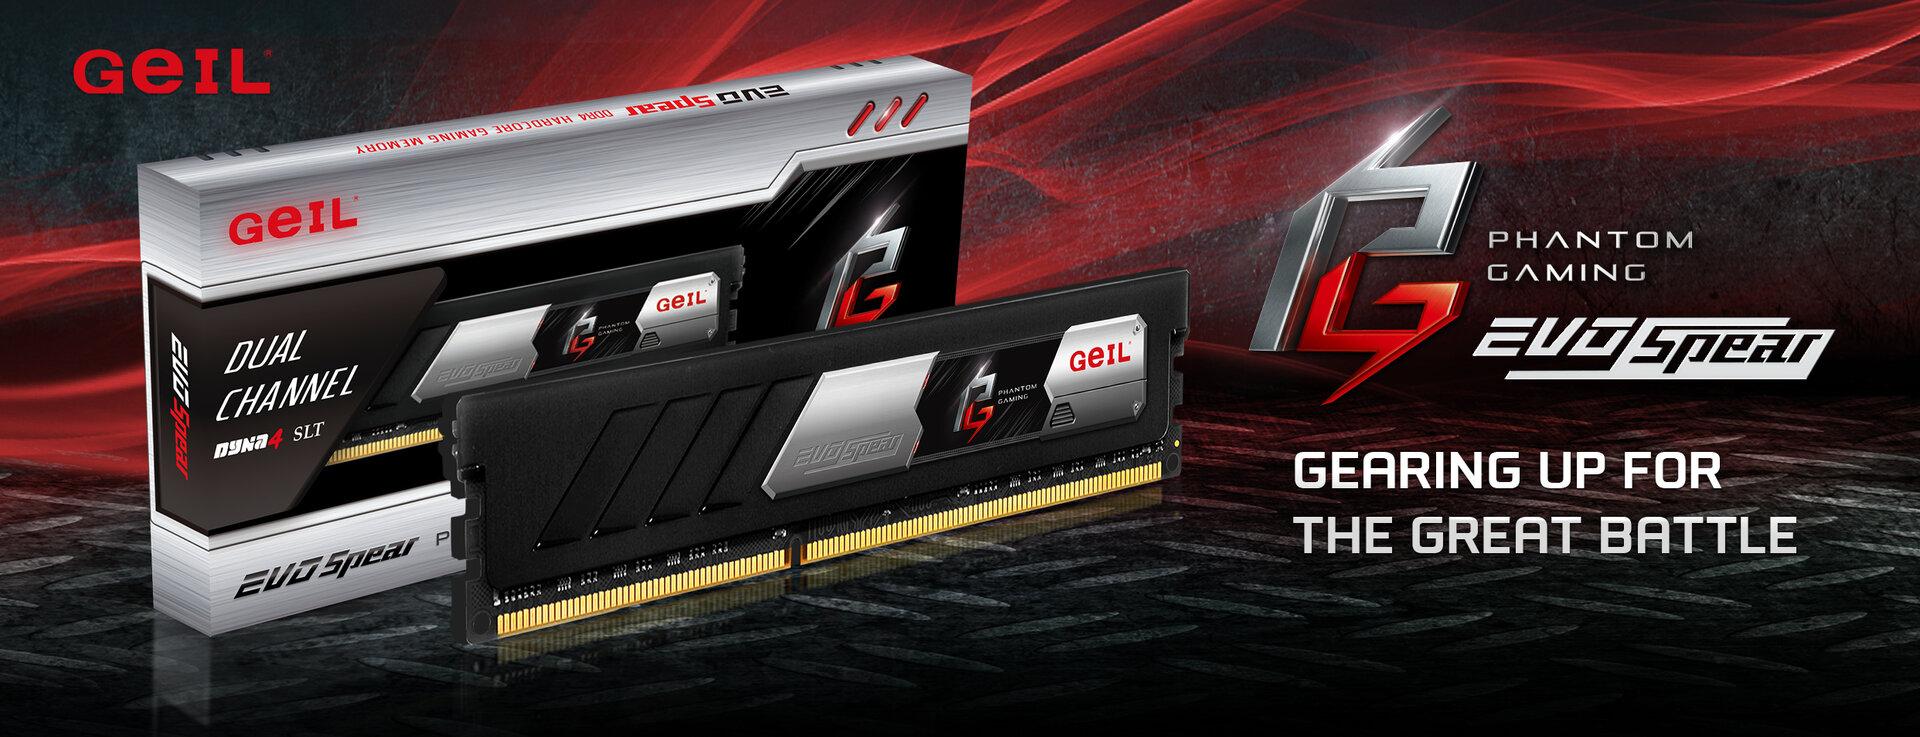 GeIL Evo Spear Phantom Gaming Edition (AMD)